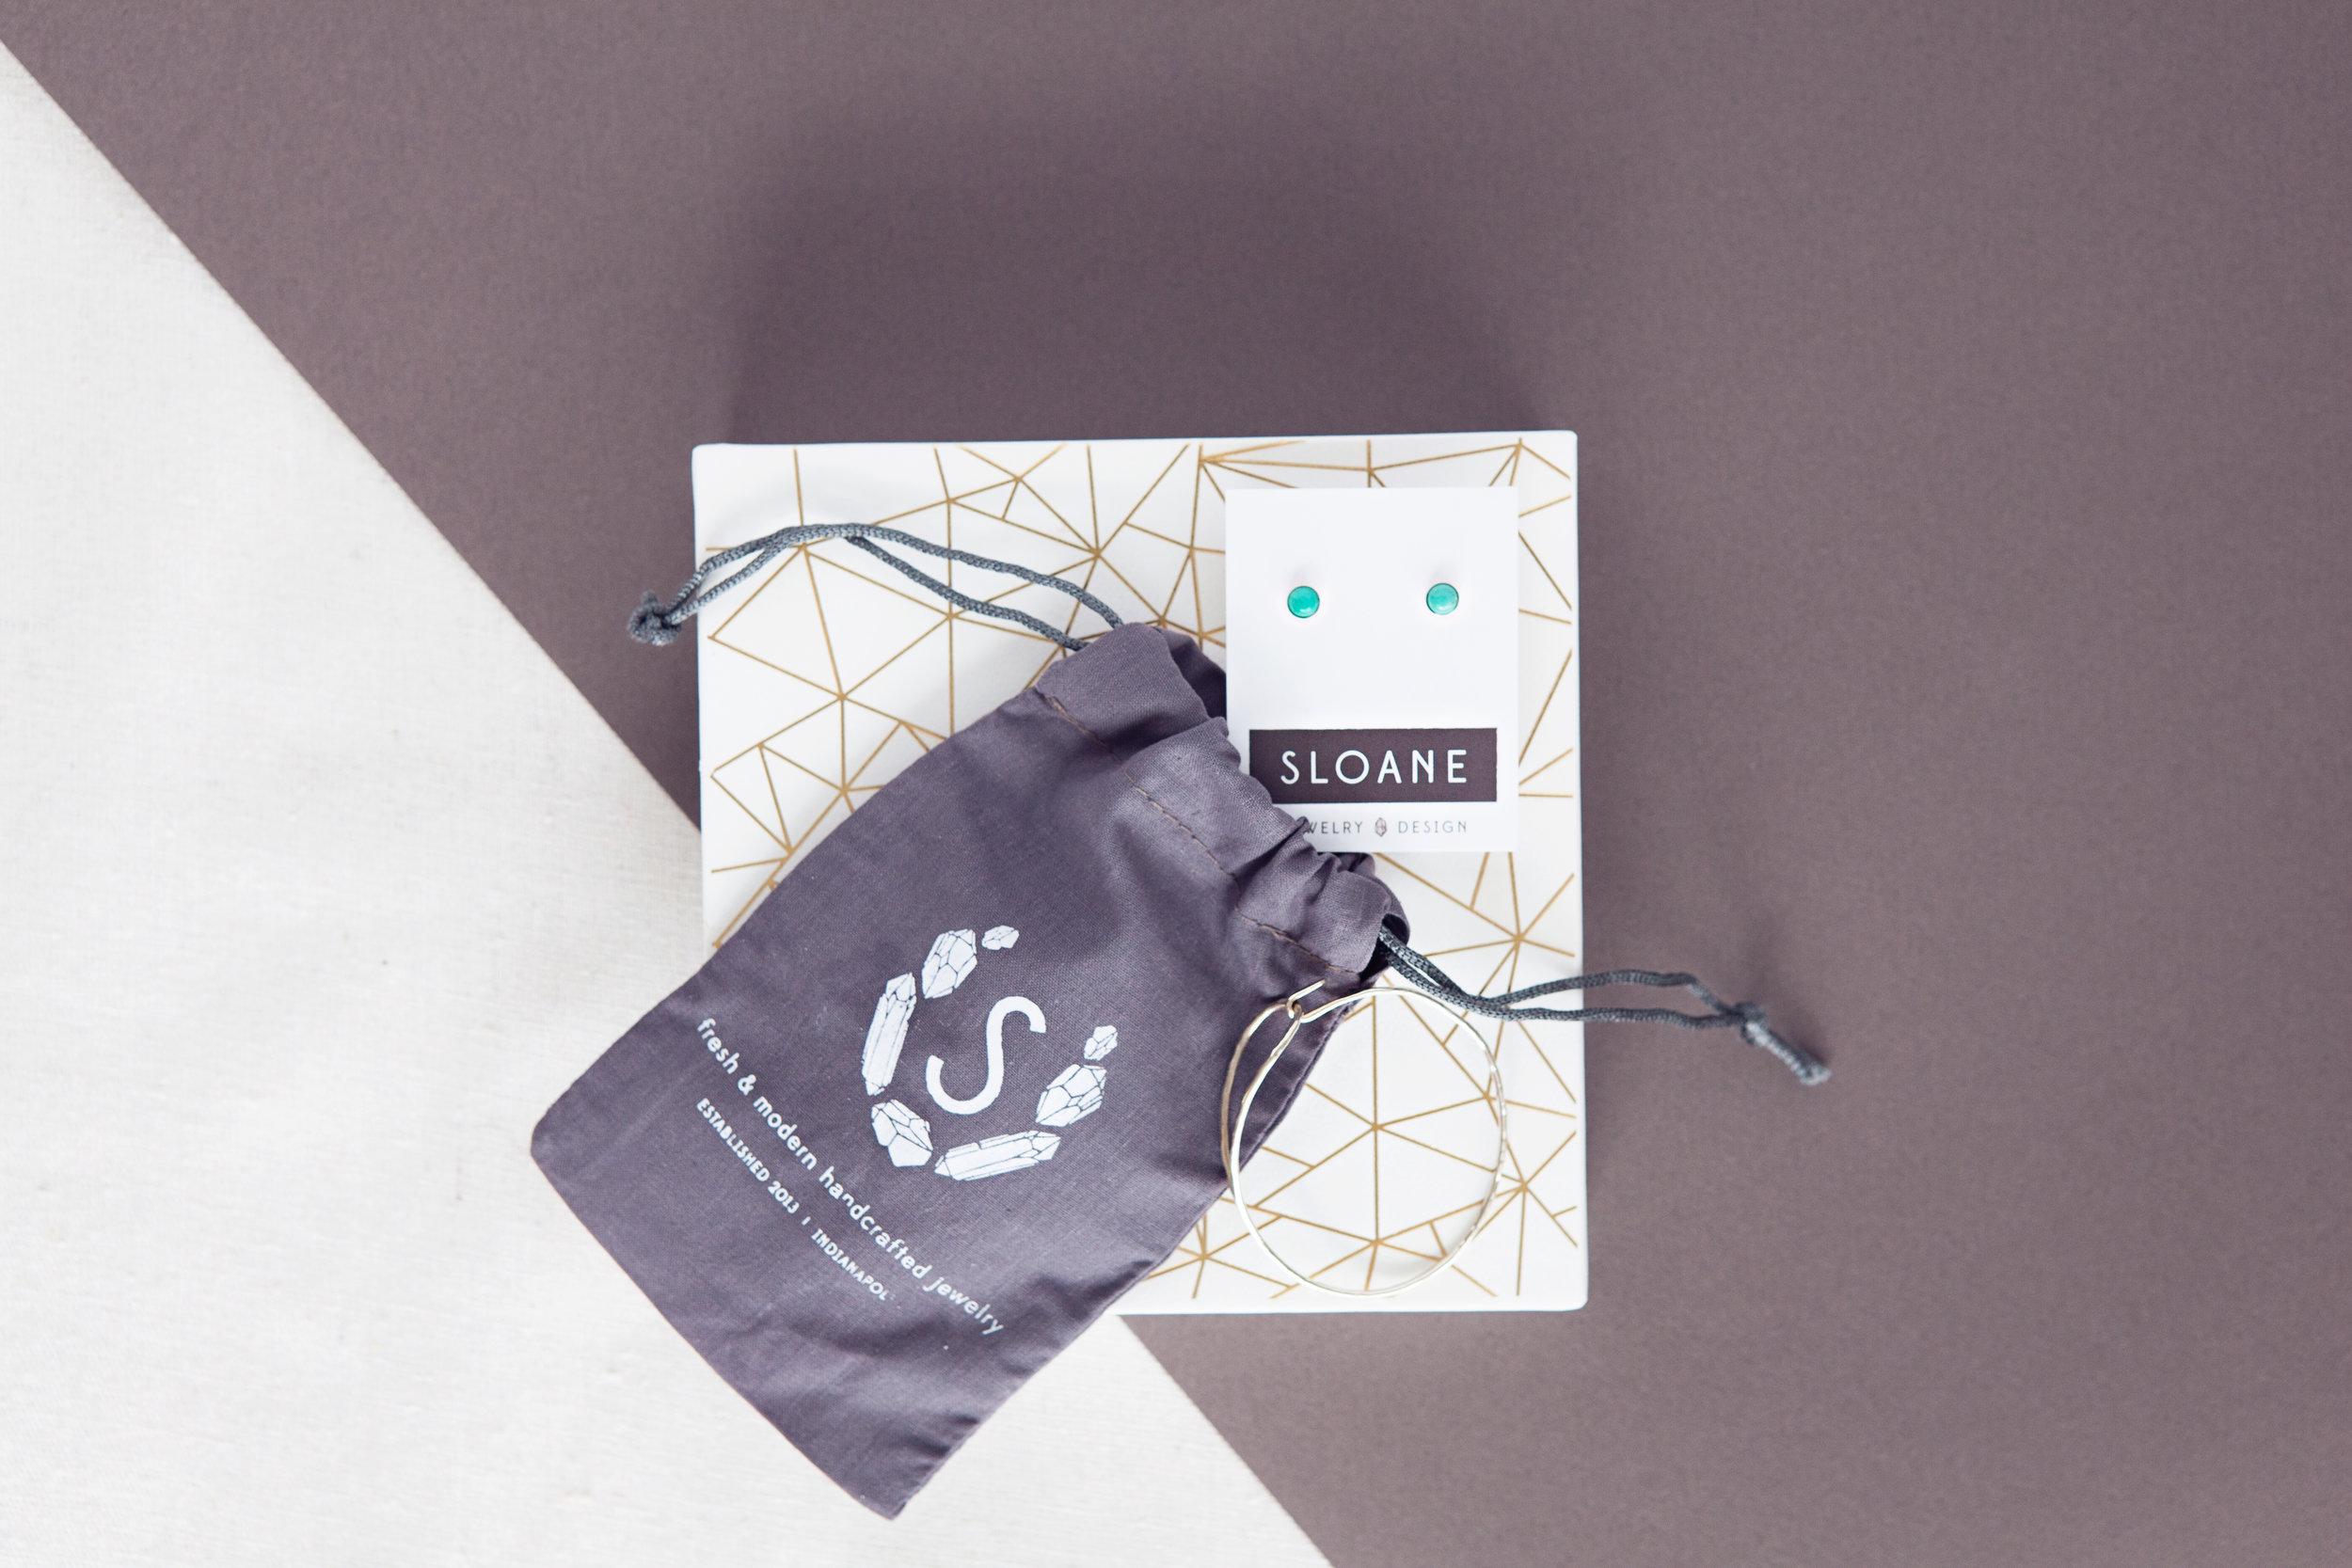 PS-Sloane06.jpg